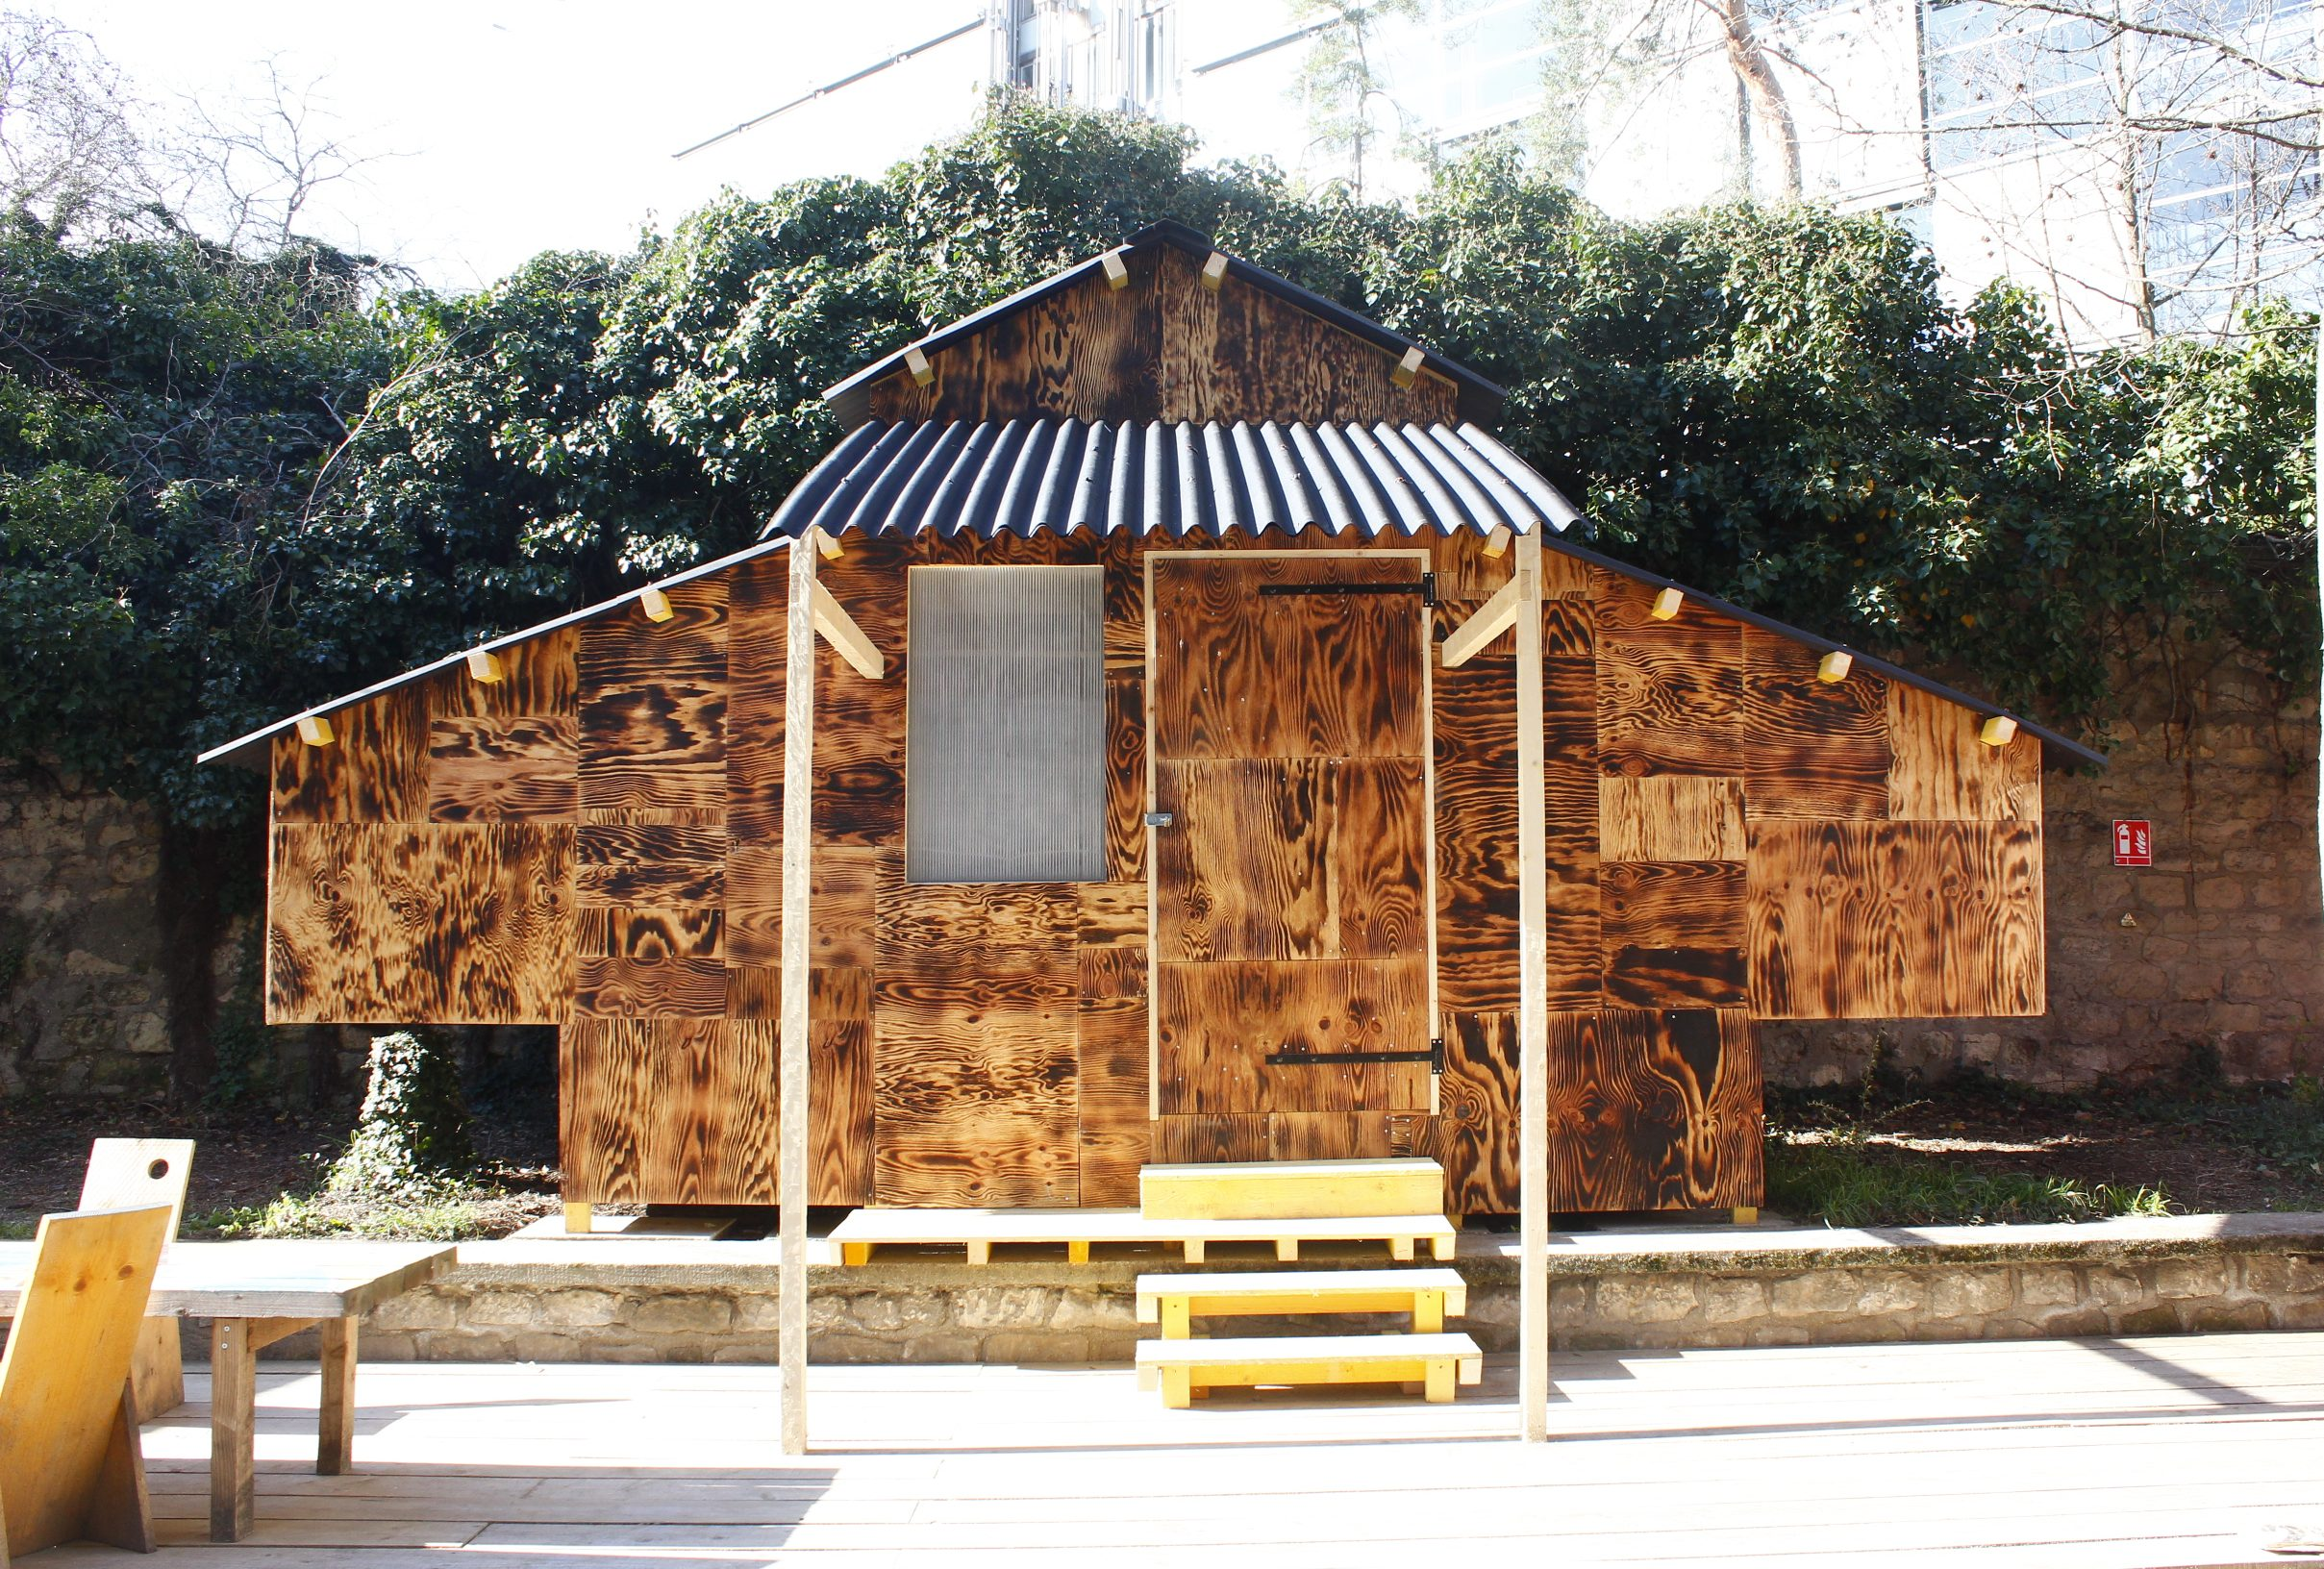 La cabane en bois toasté construite par Cabanon vertical